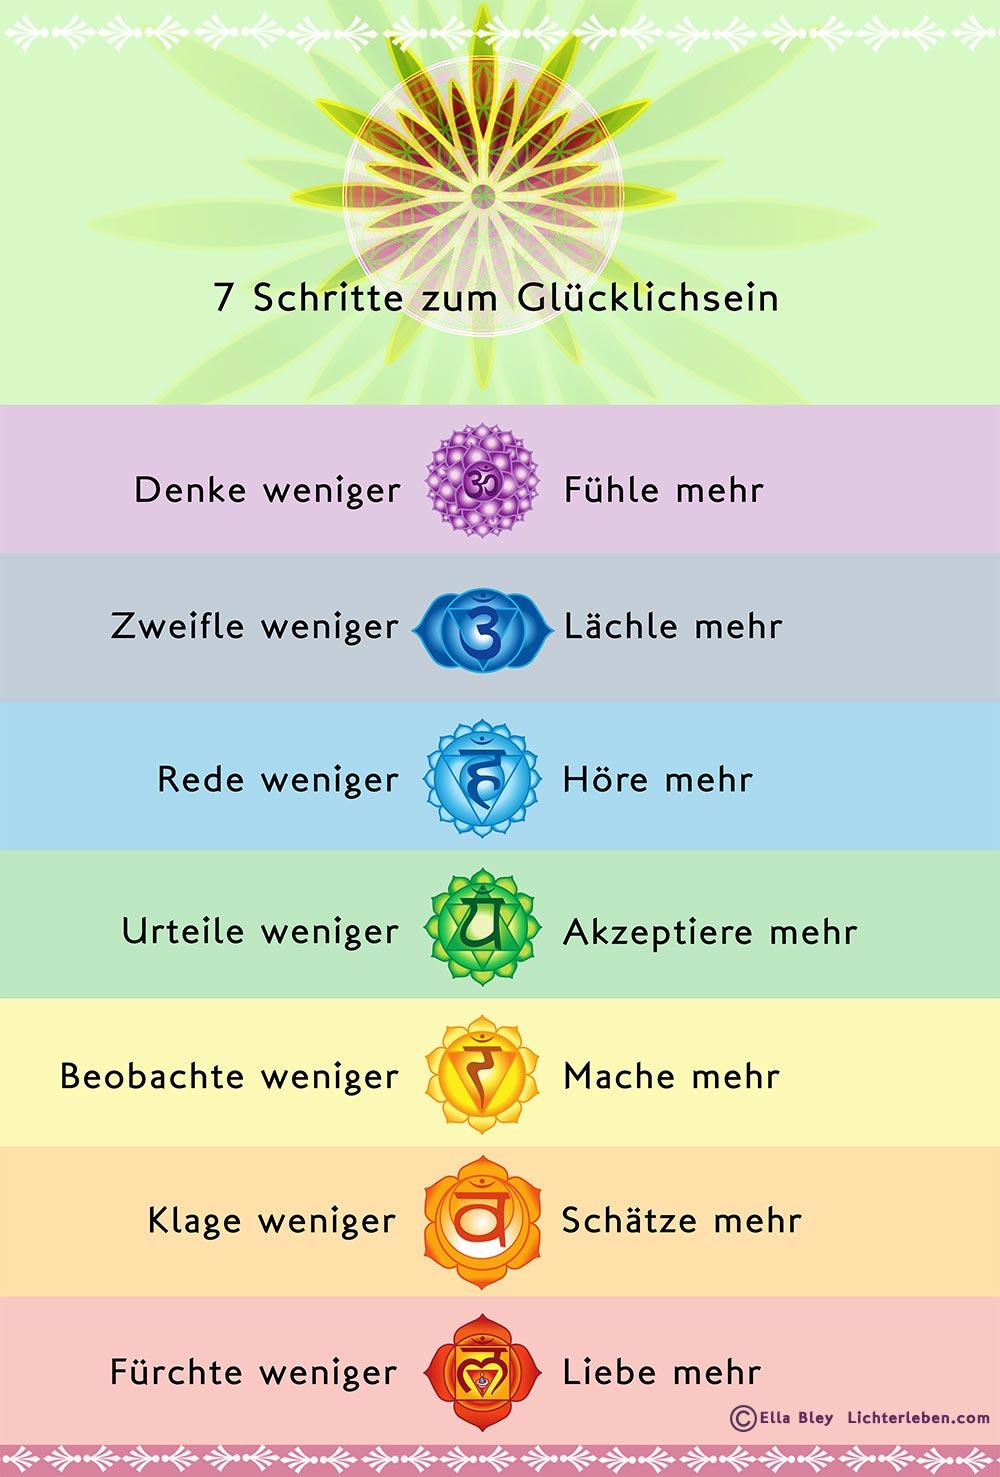 7 Schritte Glücklichsein